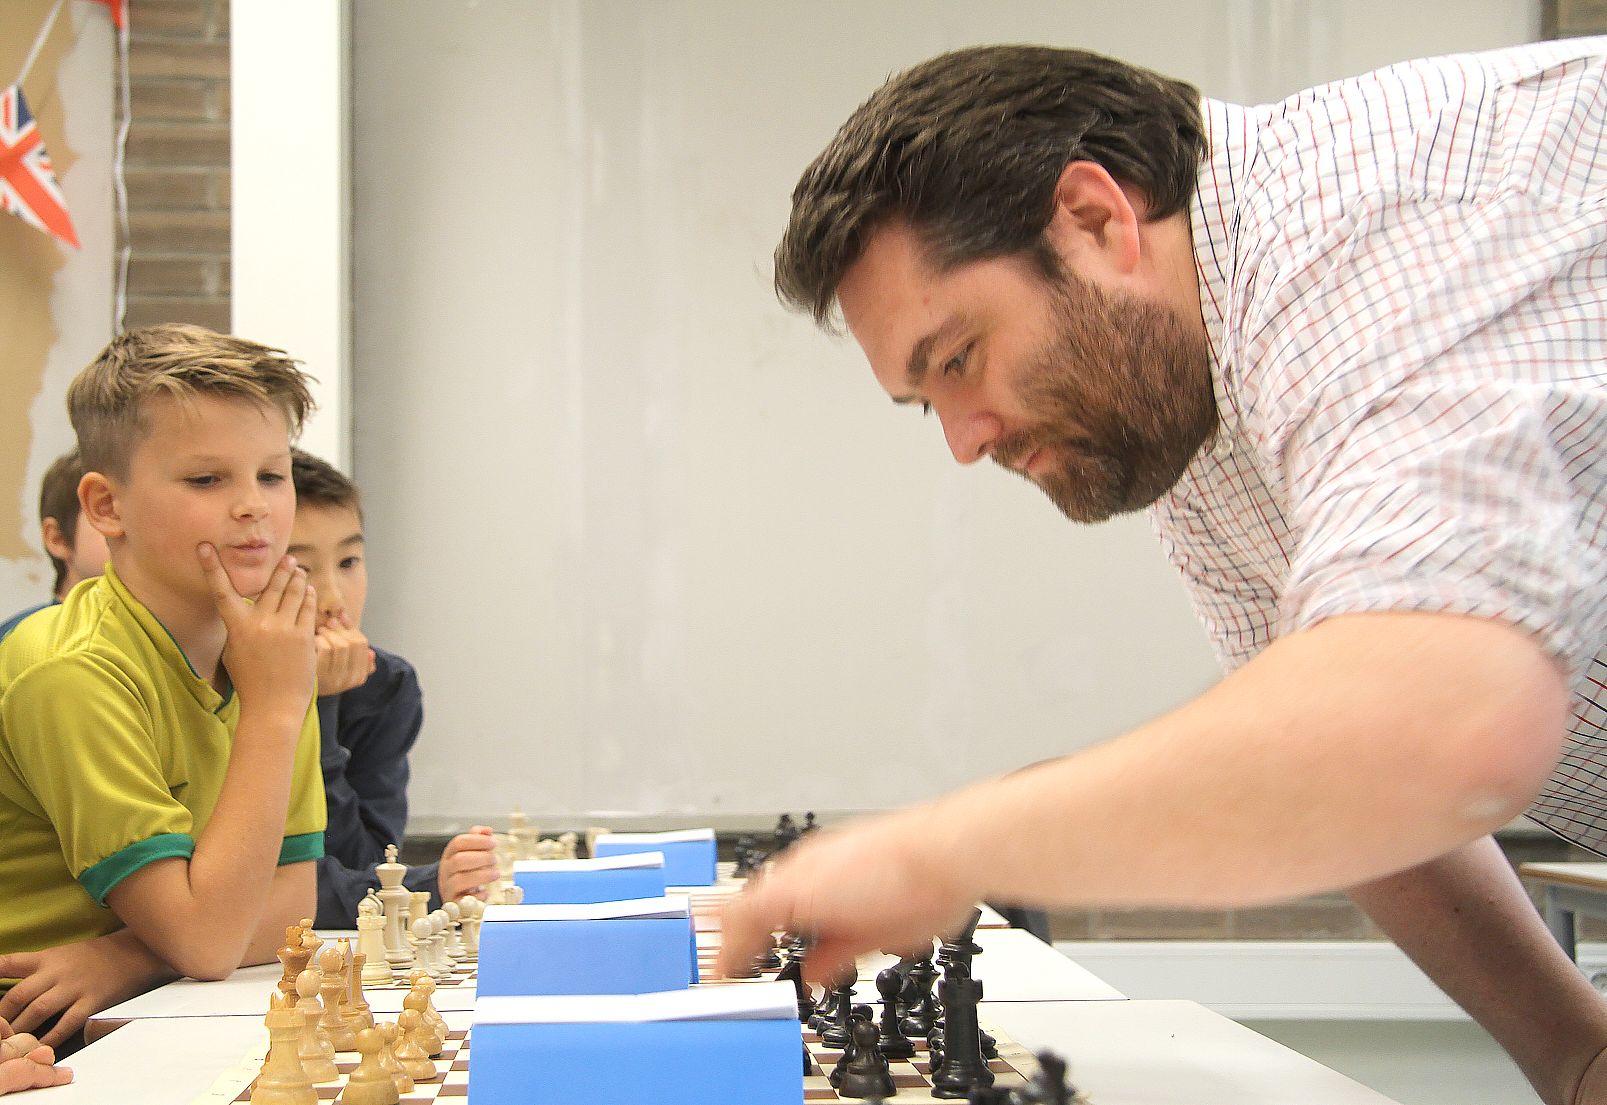 20385513 LIKE MULIGHETER: Skal ikke alle barn få samme mulighet? spør sjakklærer Ole  Valaker. byoutline Terje Bringsvor Nilsen/Fanaposten